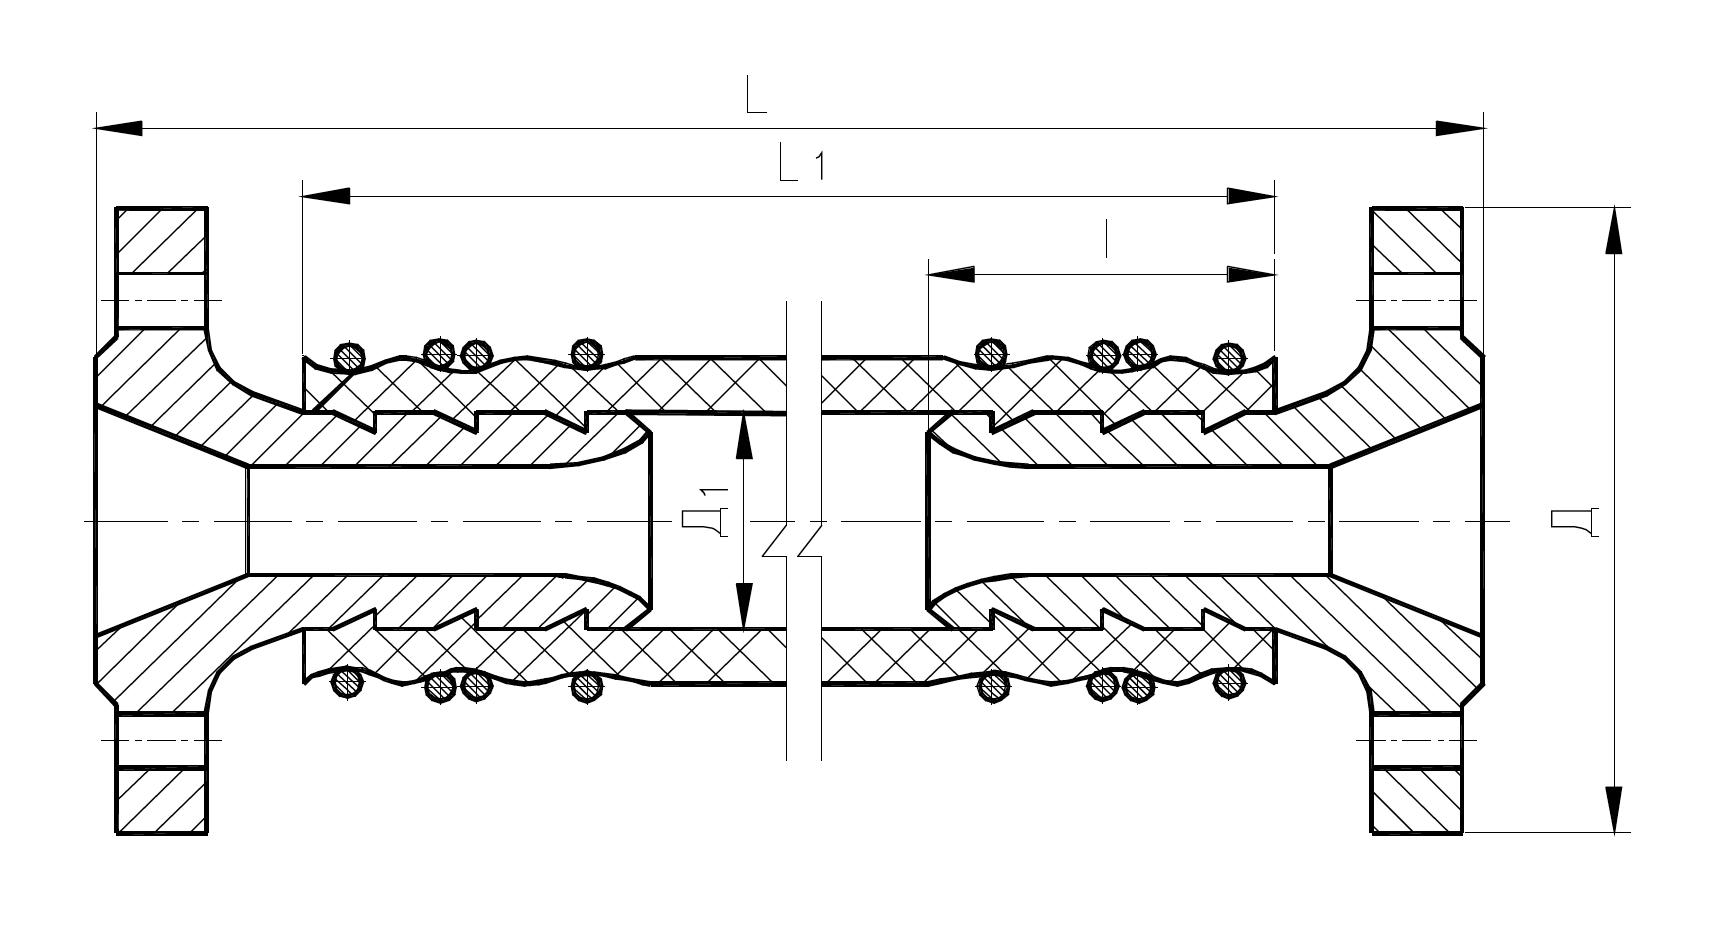 Соединения рукавные ОСТ 5Р.5444-80